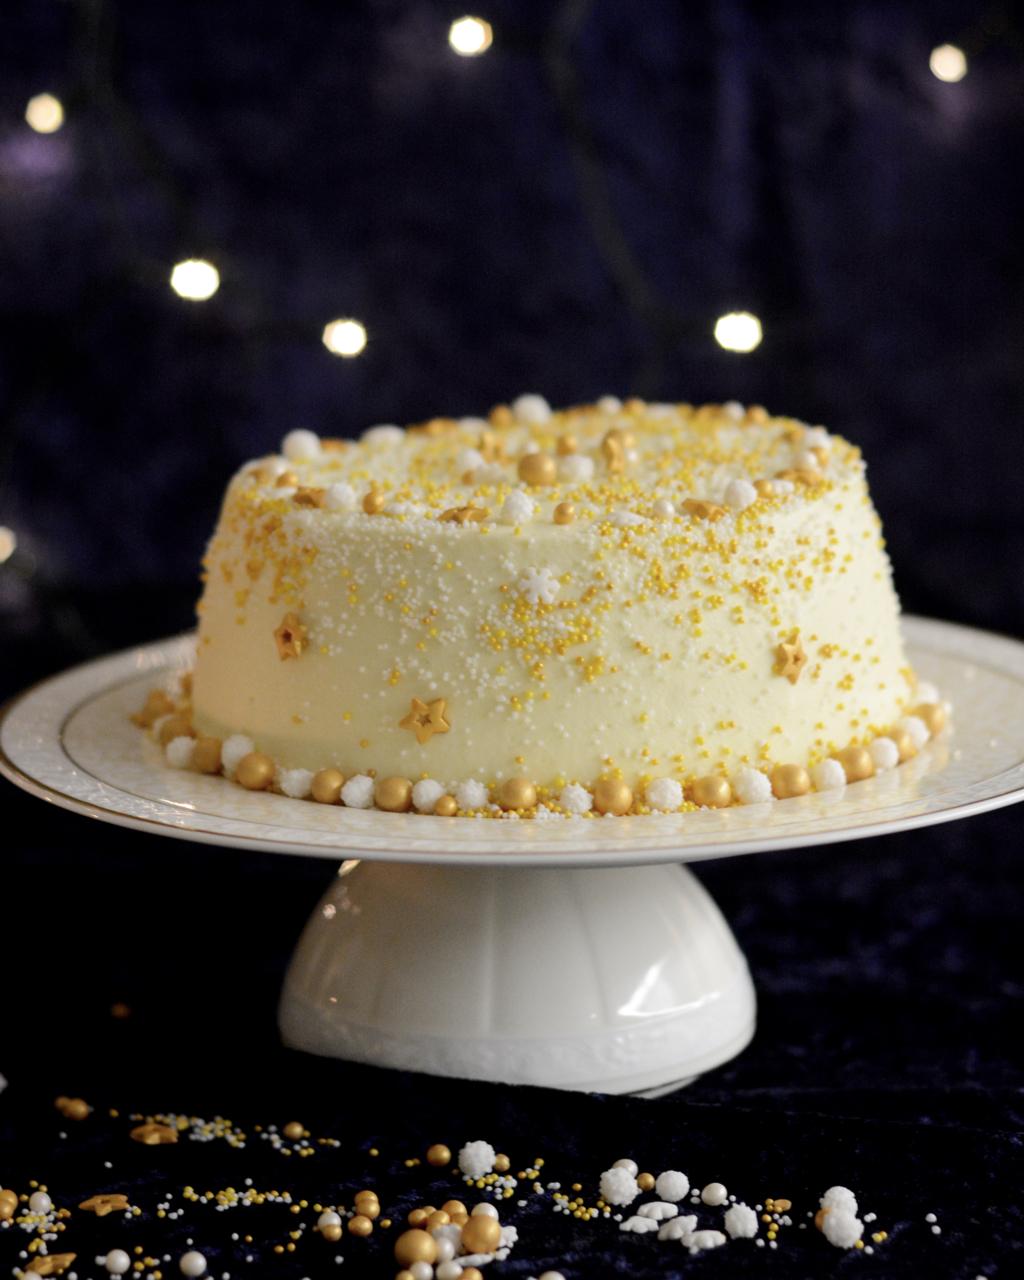 Beschwipster Chiffon Cake mit Glühwein